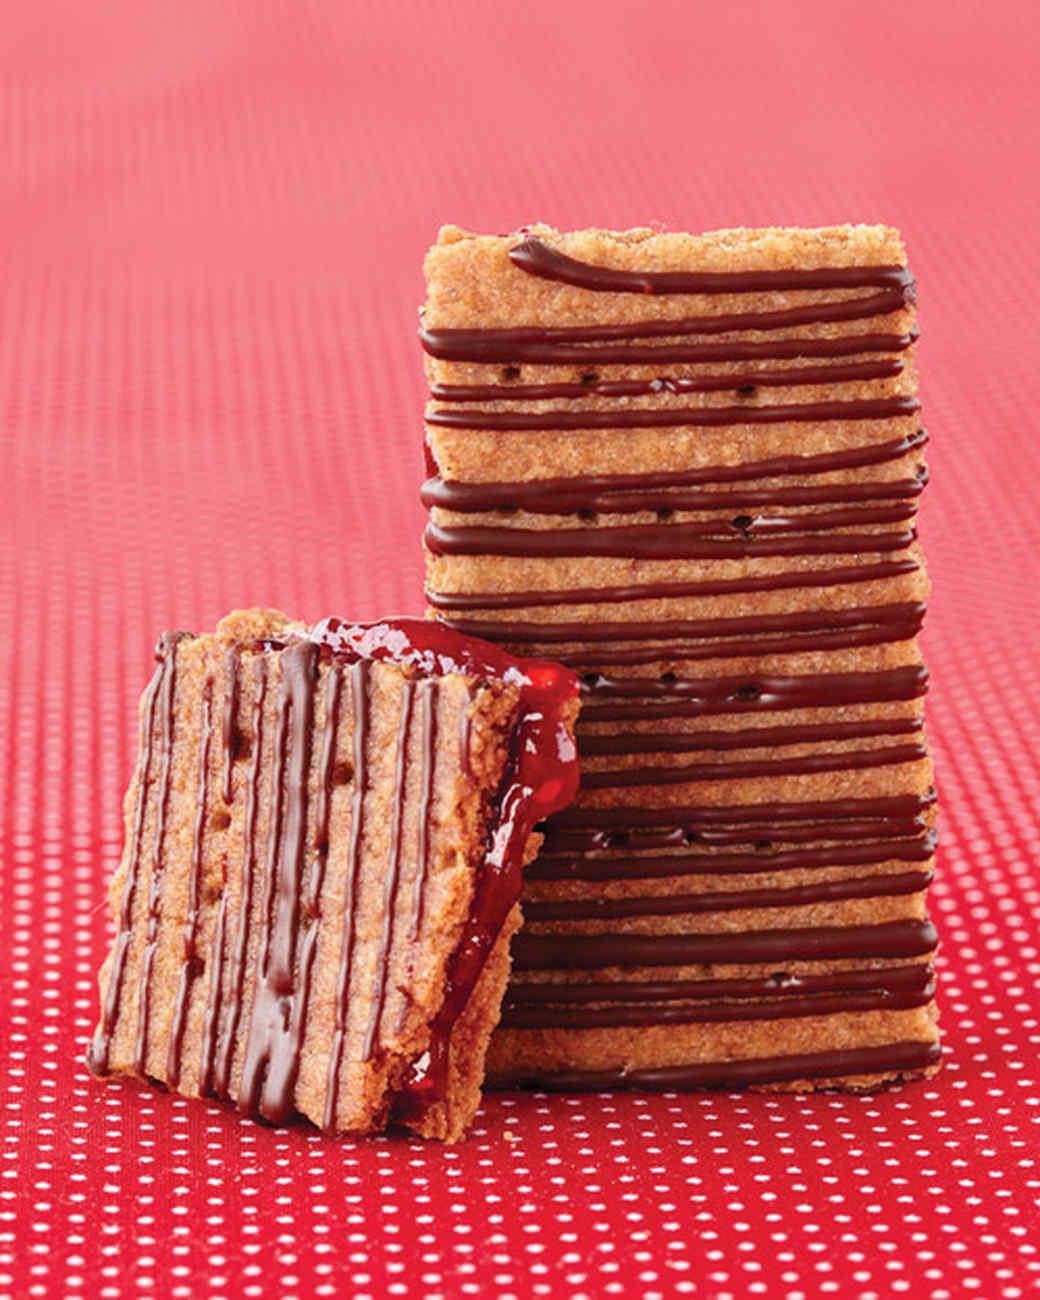 Jennifer's Graham Cracker Sandwiches